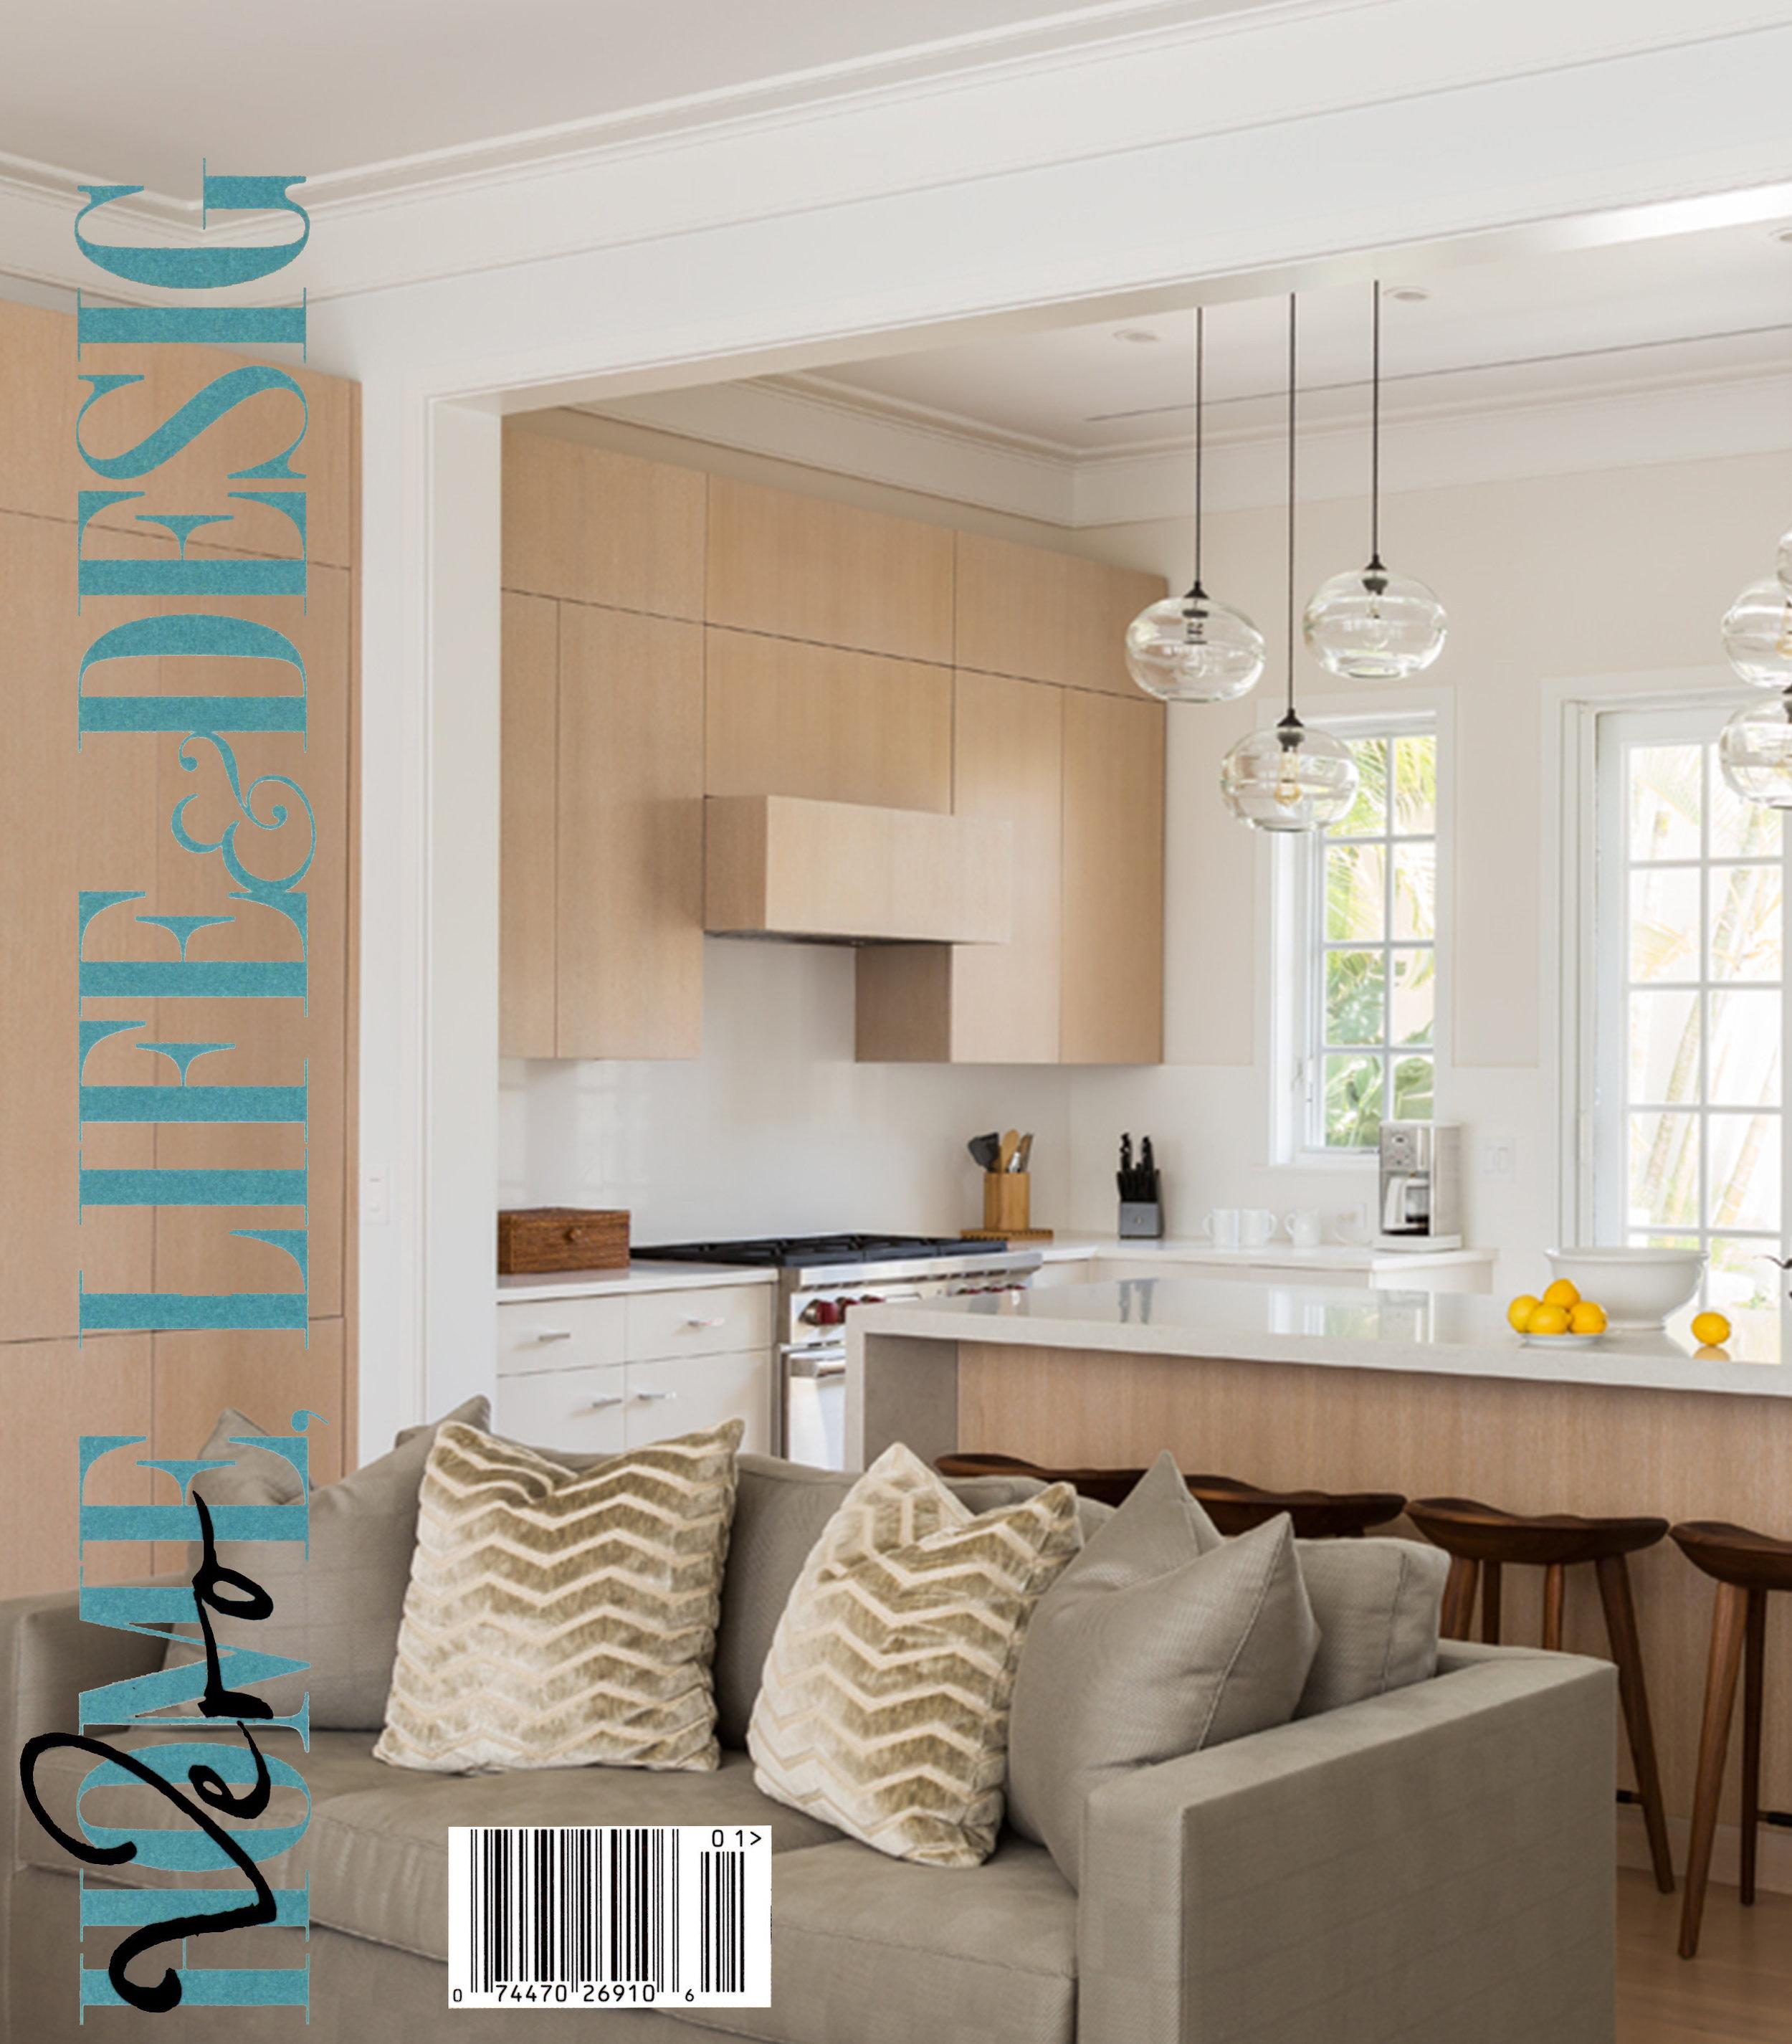 Vero Home, Life & Design  | Summer 2018 | Open Concept Transformation